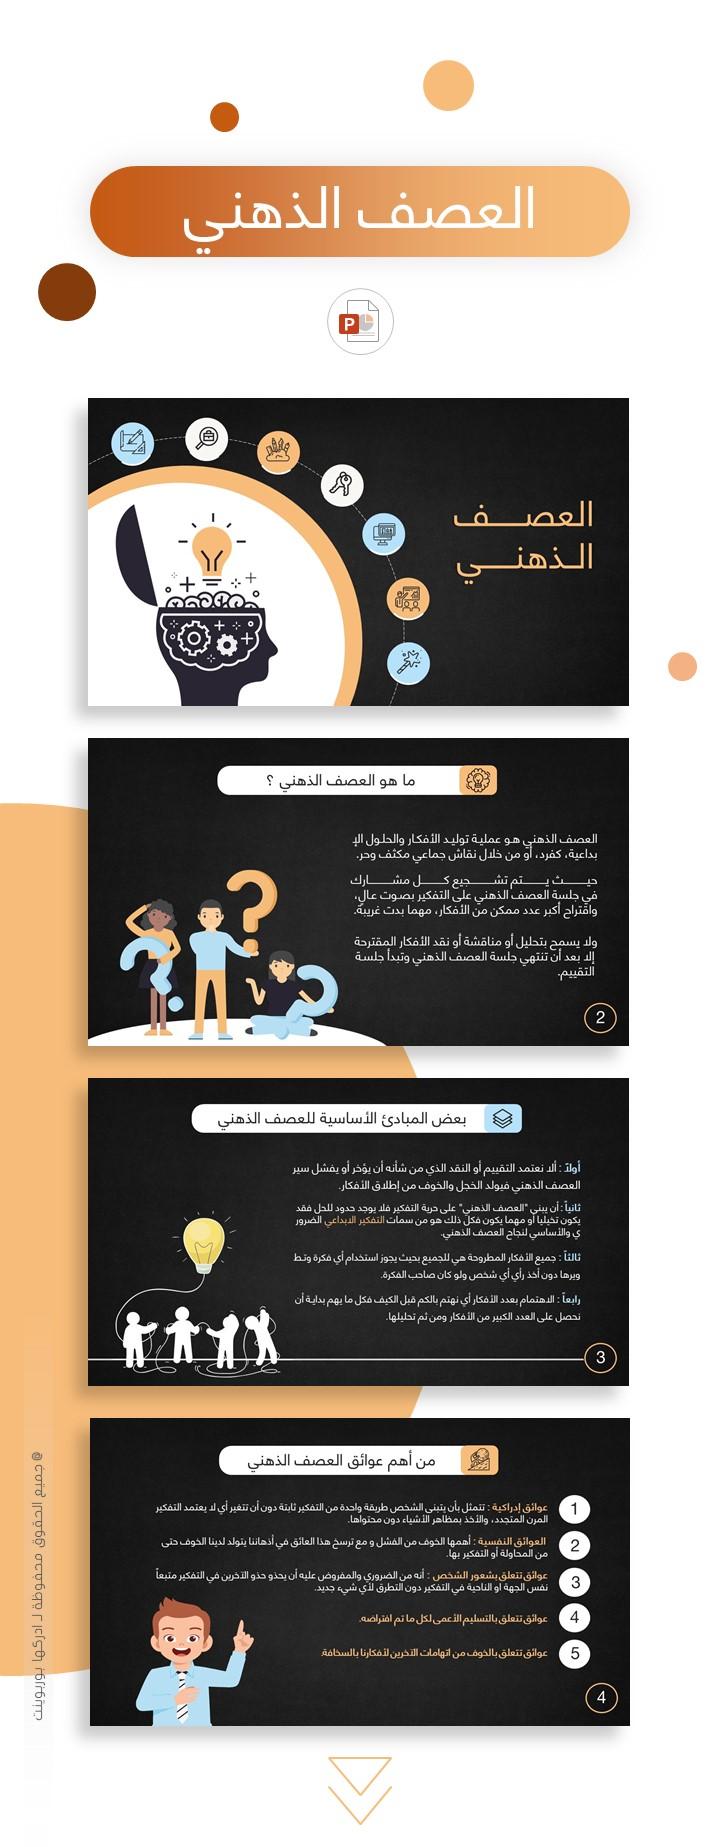 بوربوينت جاهز عن استراتيجية العصف الذهني ادركها بوربوينت Powerpoint Design Templates Powerpoint Design Powerpoint Slide Designs